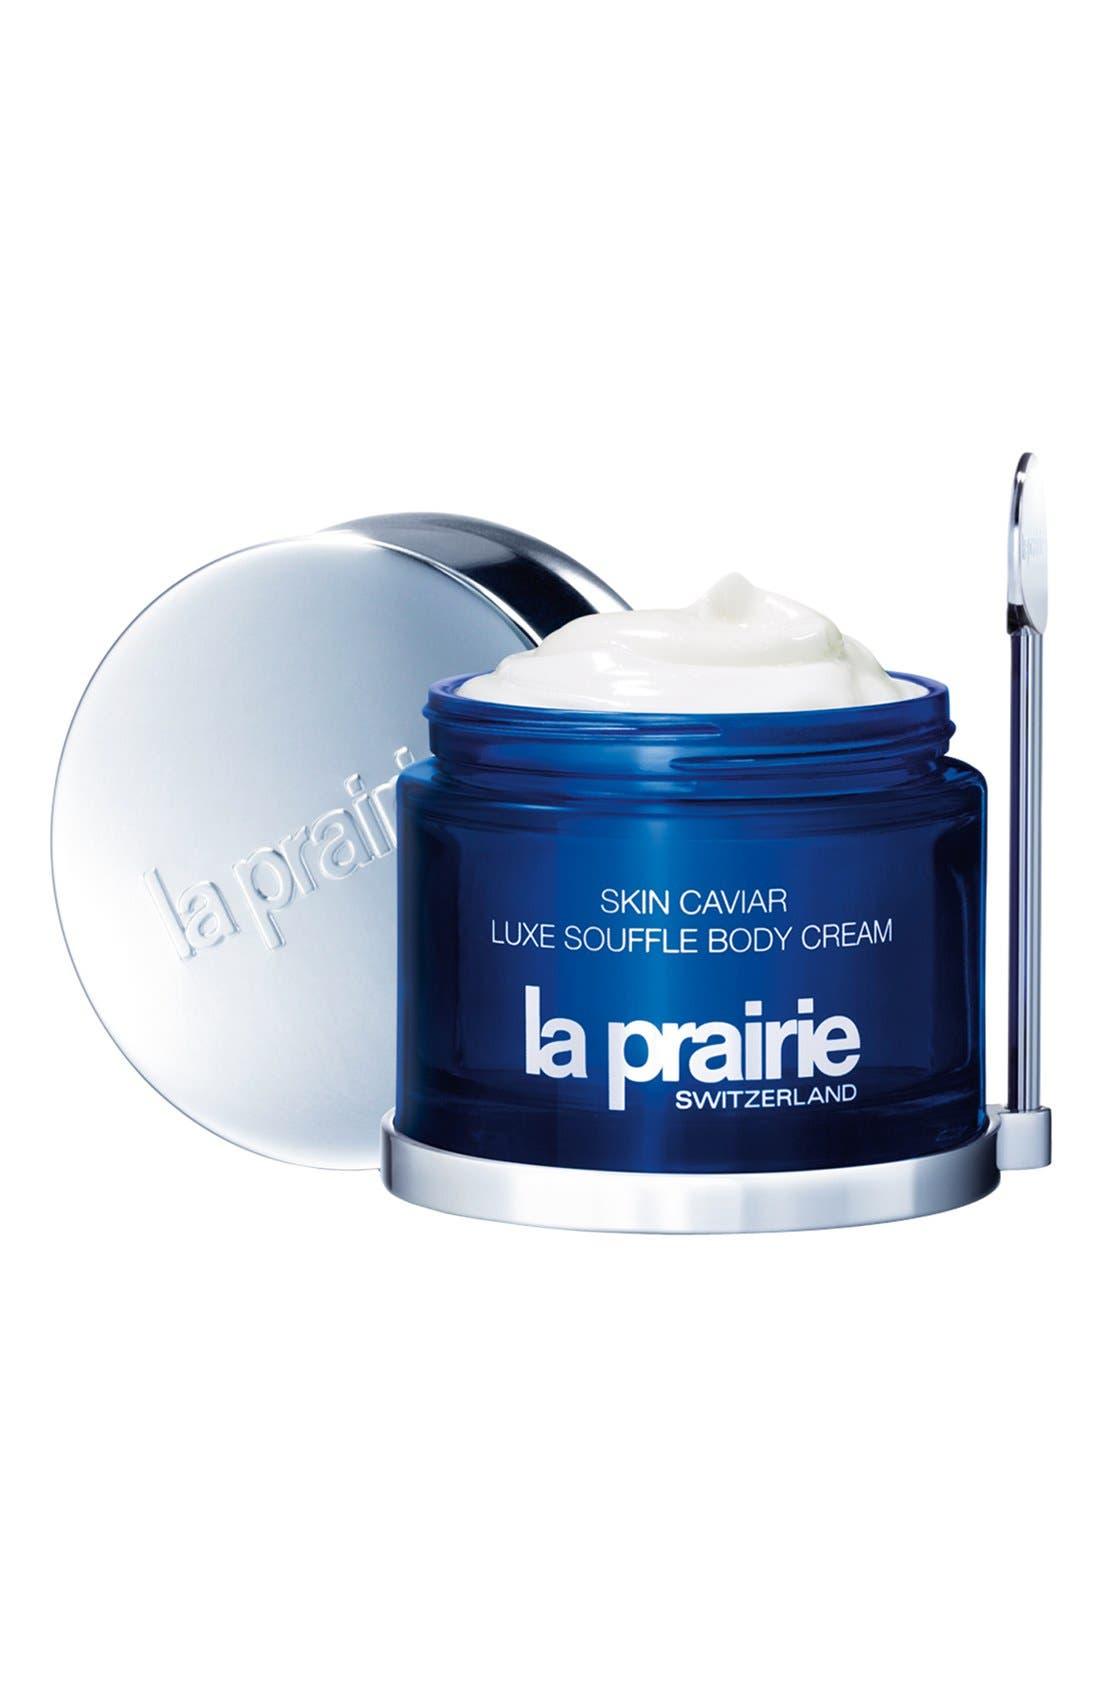 Skin Caviar Luxe Soufflé Body Cream,                             Alternate thumbnail 4, color,                             NO COLOR